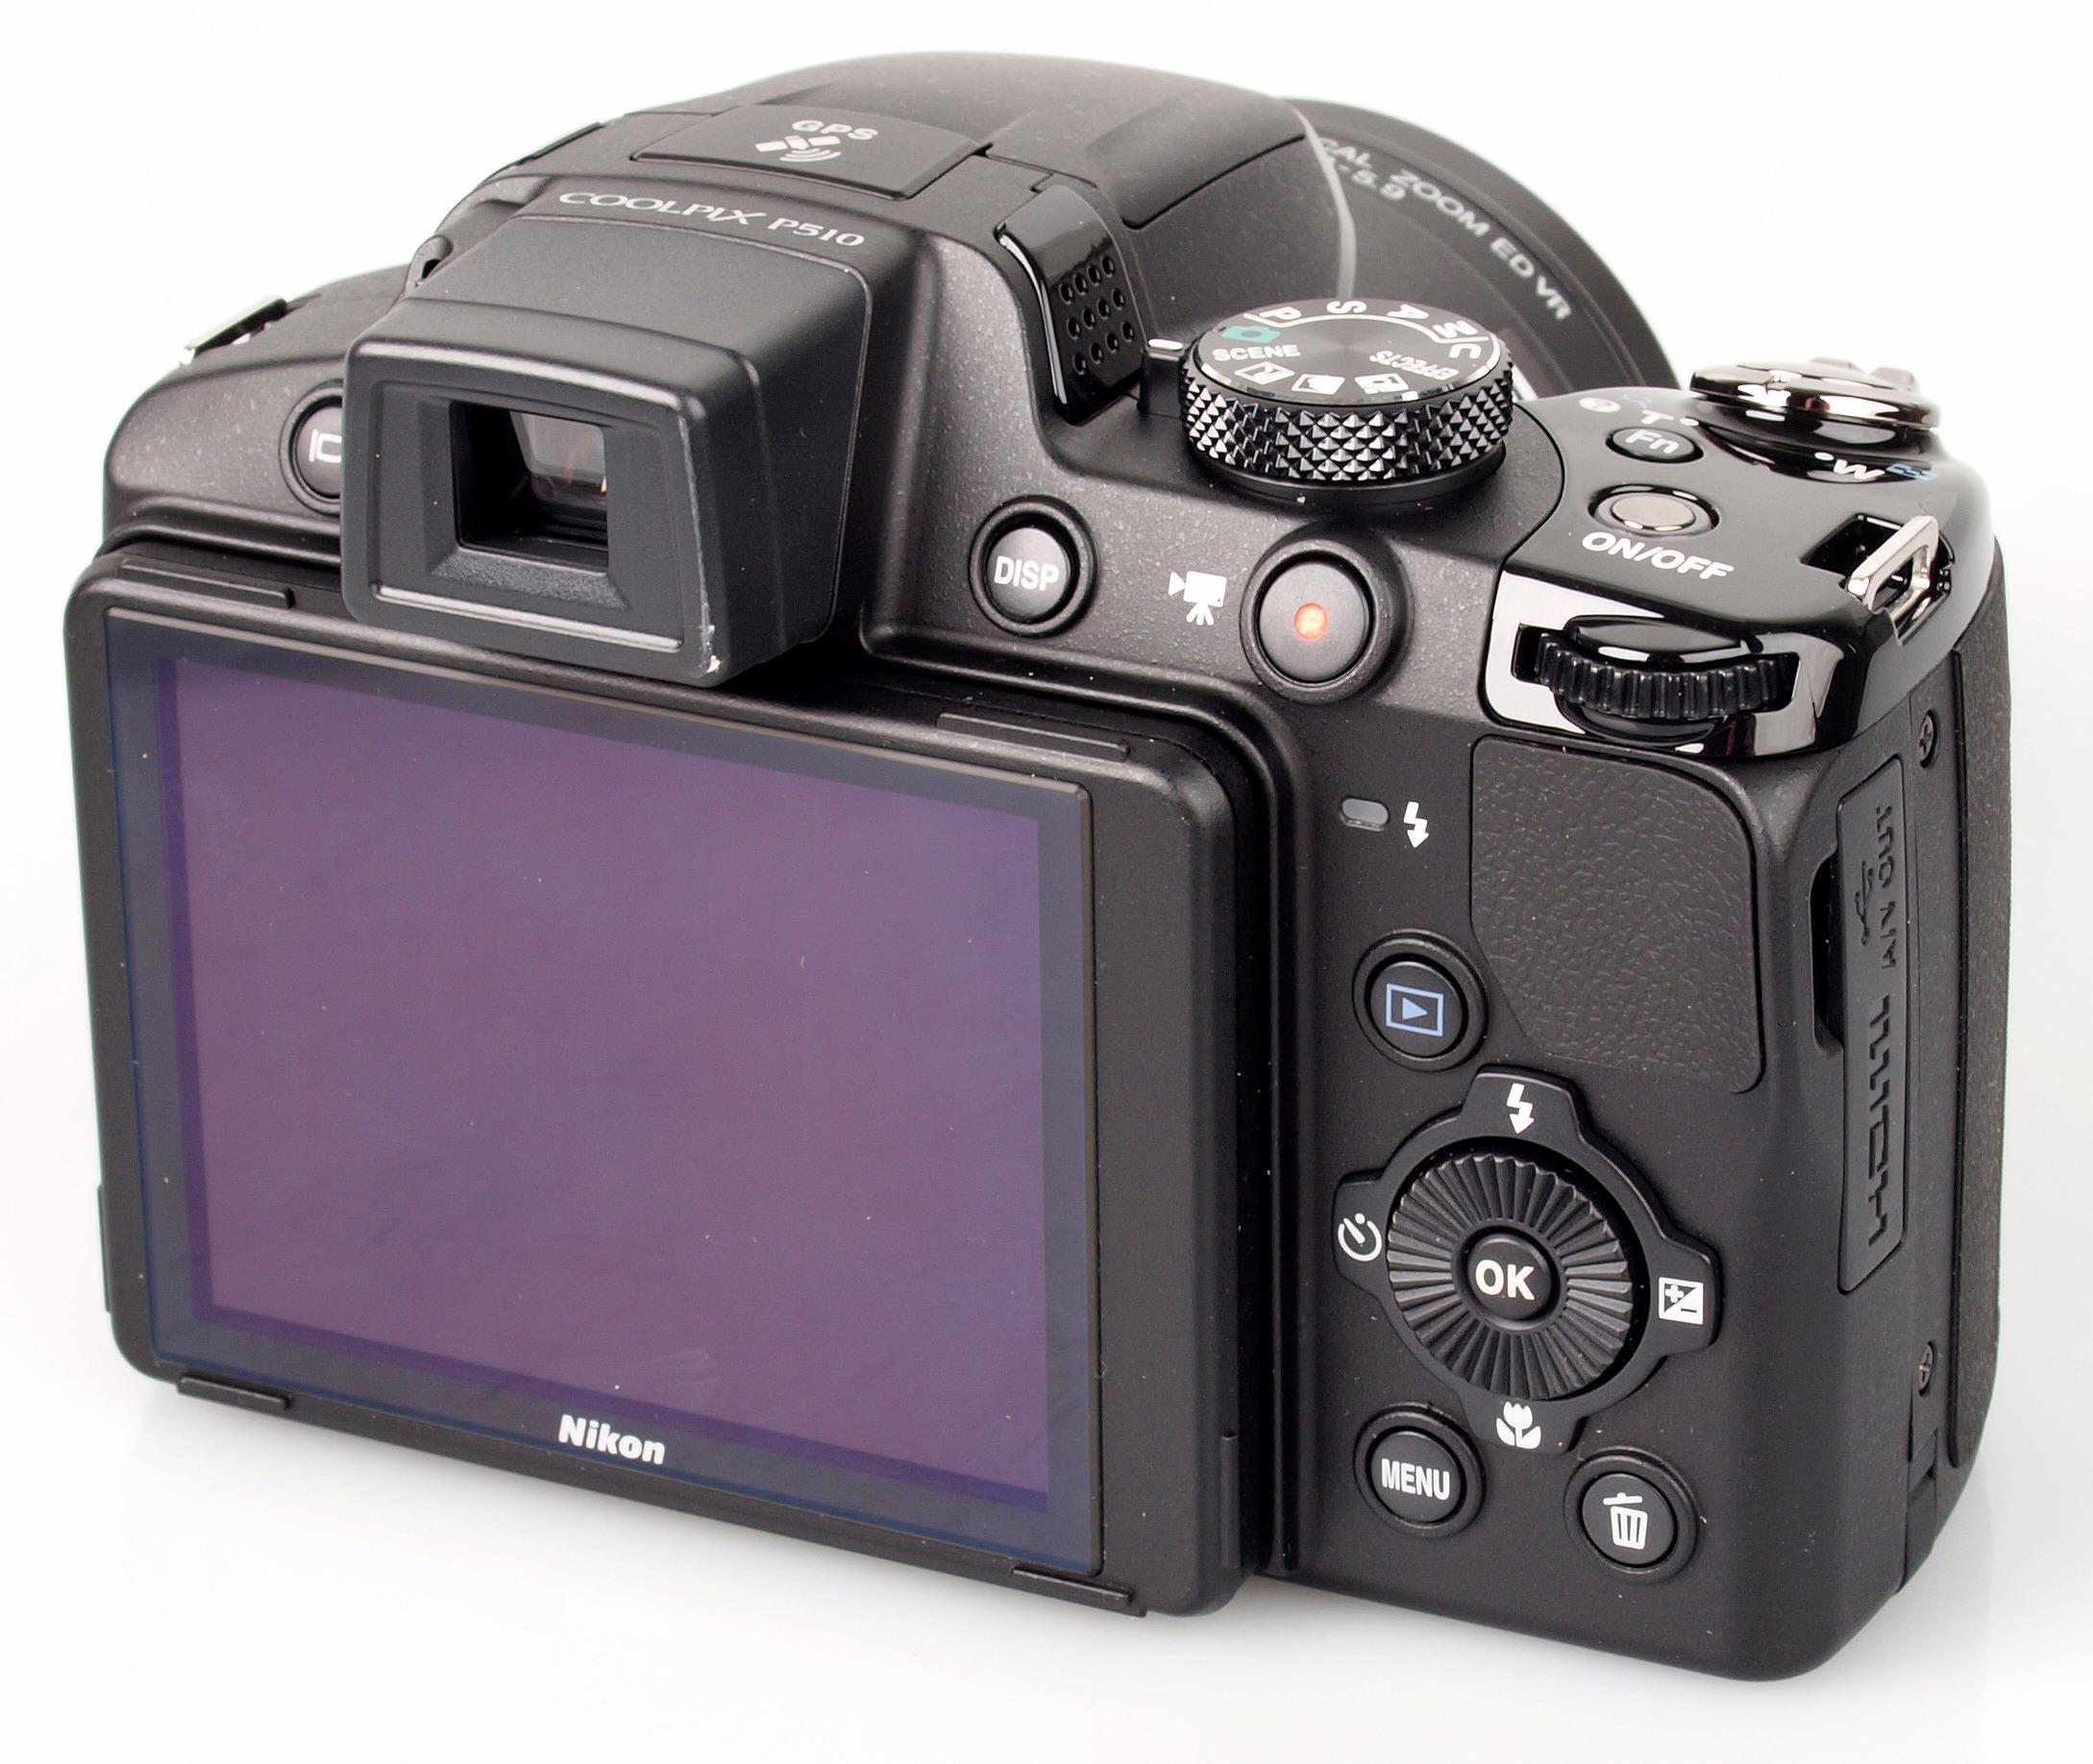 TFT-LCD monitor of new Nikon Coolpix P510